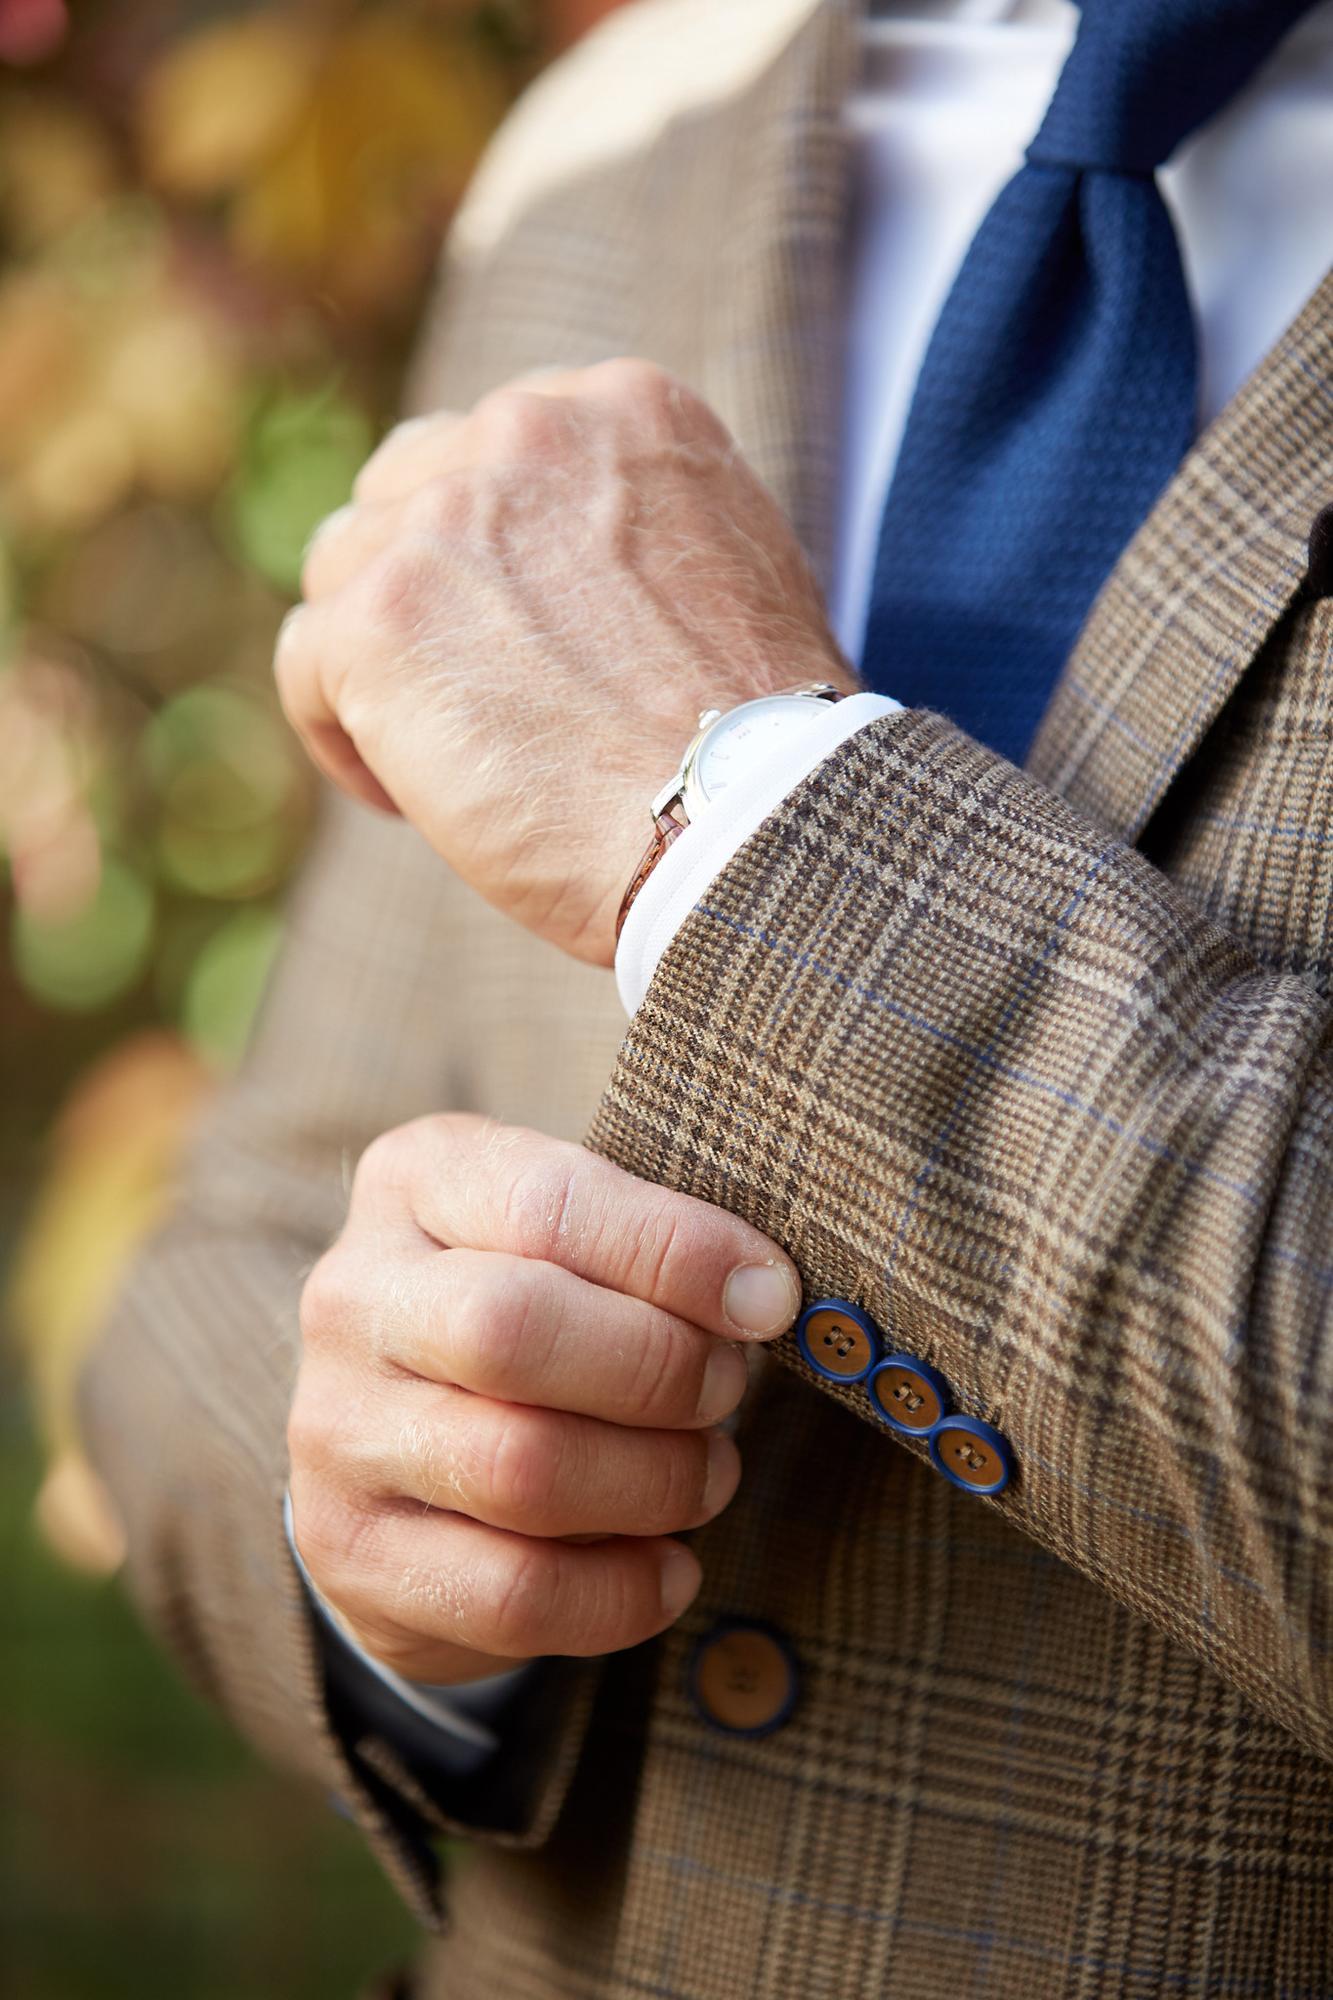 Marynarka uszyta z cienkiej tkaniny wełnianej w kratę księcia Walii. Brązowa krata o raporcie 6 x 7 cm na beżowym tle z dyskretną ciemnoniebieską kreską. Detale są dla nas ważne; ciemnoniebieski kolor pojawia się także w obramowaniu rogowych guzików. Marynarka pasowana, blisko ciała, bez podszewki, poduszek i zbędnych usztywnień. Zapięcie na dwa guziki, cięta kieszonka na poszetkę, dwie nakładane kieszenie zewnętrzne, dwie kieszonki wewnętrzne, dwa rozcięcia z tyłu. Funkcjonalne dziurki przy rękawach. Doskonała baza dla stylizacji mniej formalnych (smart casual) i nieformalnych (casual). Skład: Tkanina podstawowa: 100% wełna Podszewka w rękawach: 100% wiskoza Lamówki: 100% bawełna: